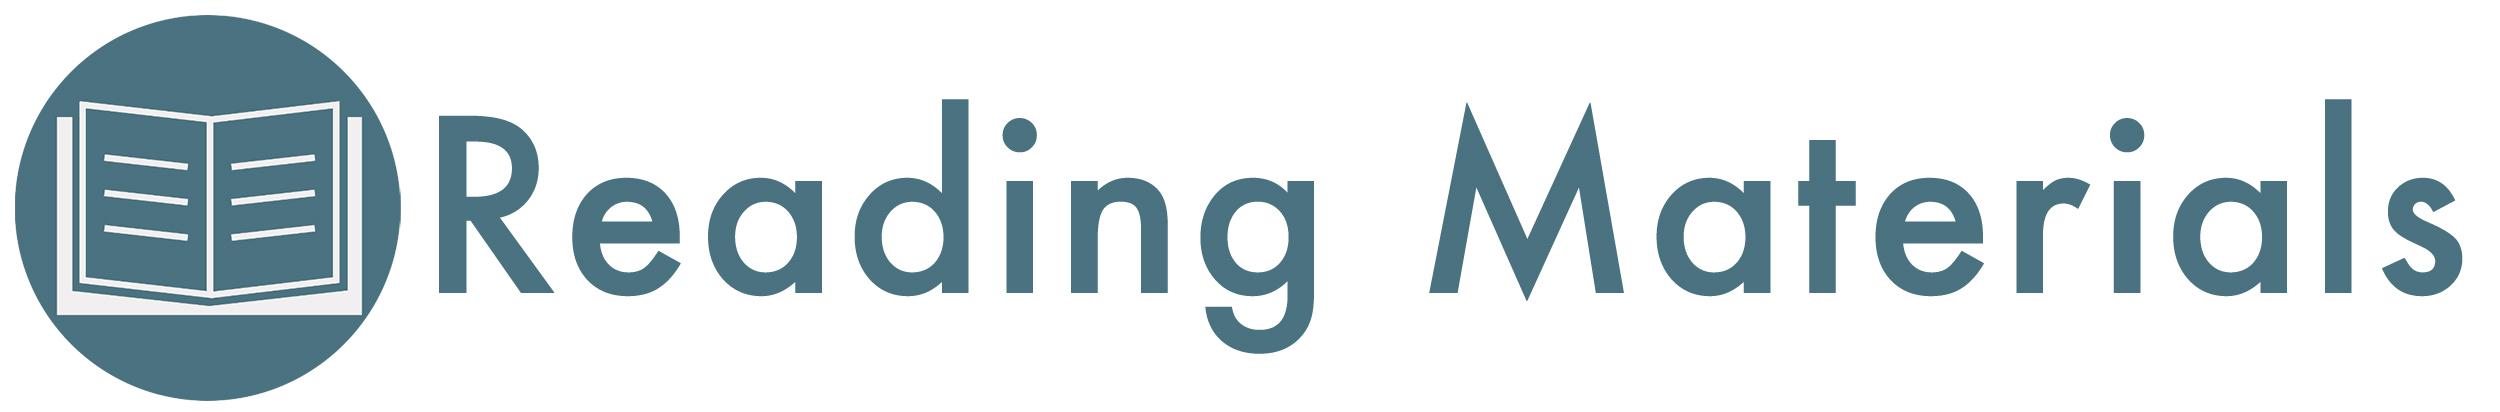 Reading-Materials-Banner.jpg